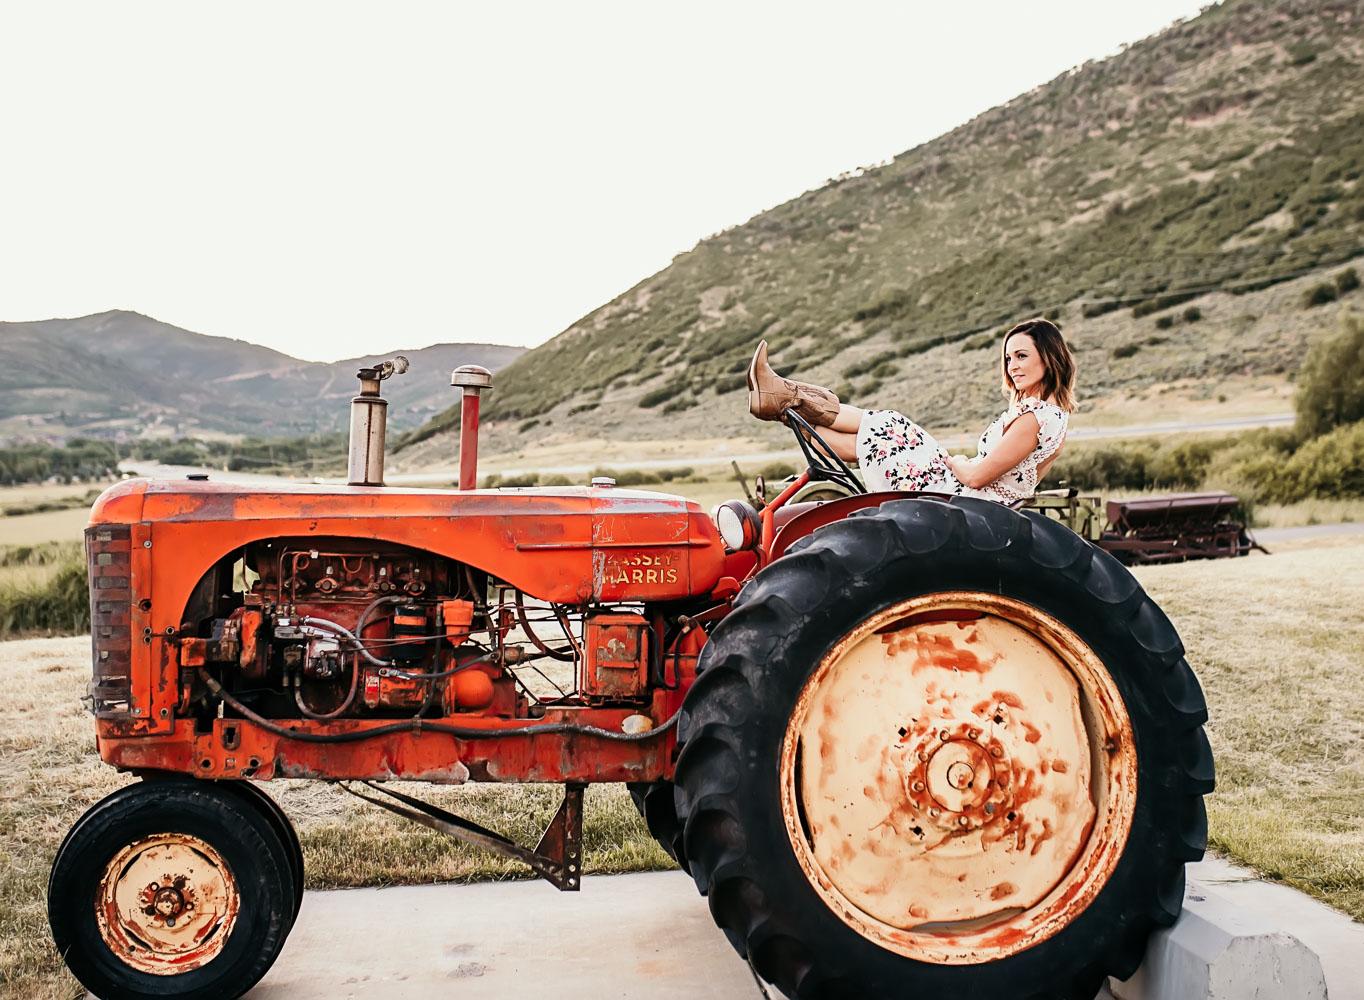 McPolin-Farm-Park-City-Utah-Family-Newmyer-Erika-Reiner-Photography (6 of 6).jpg